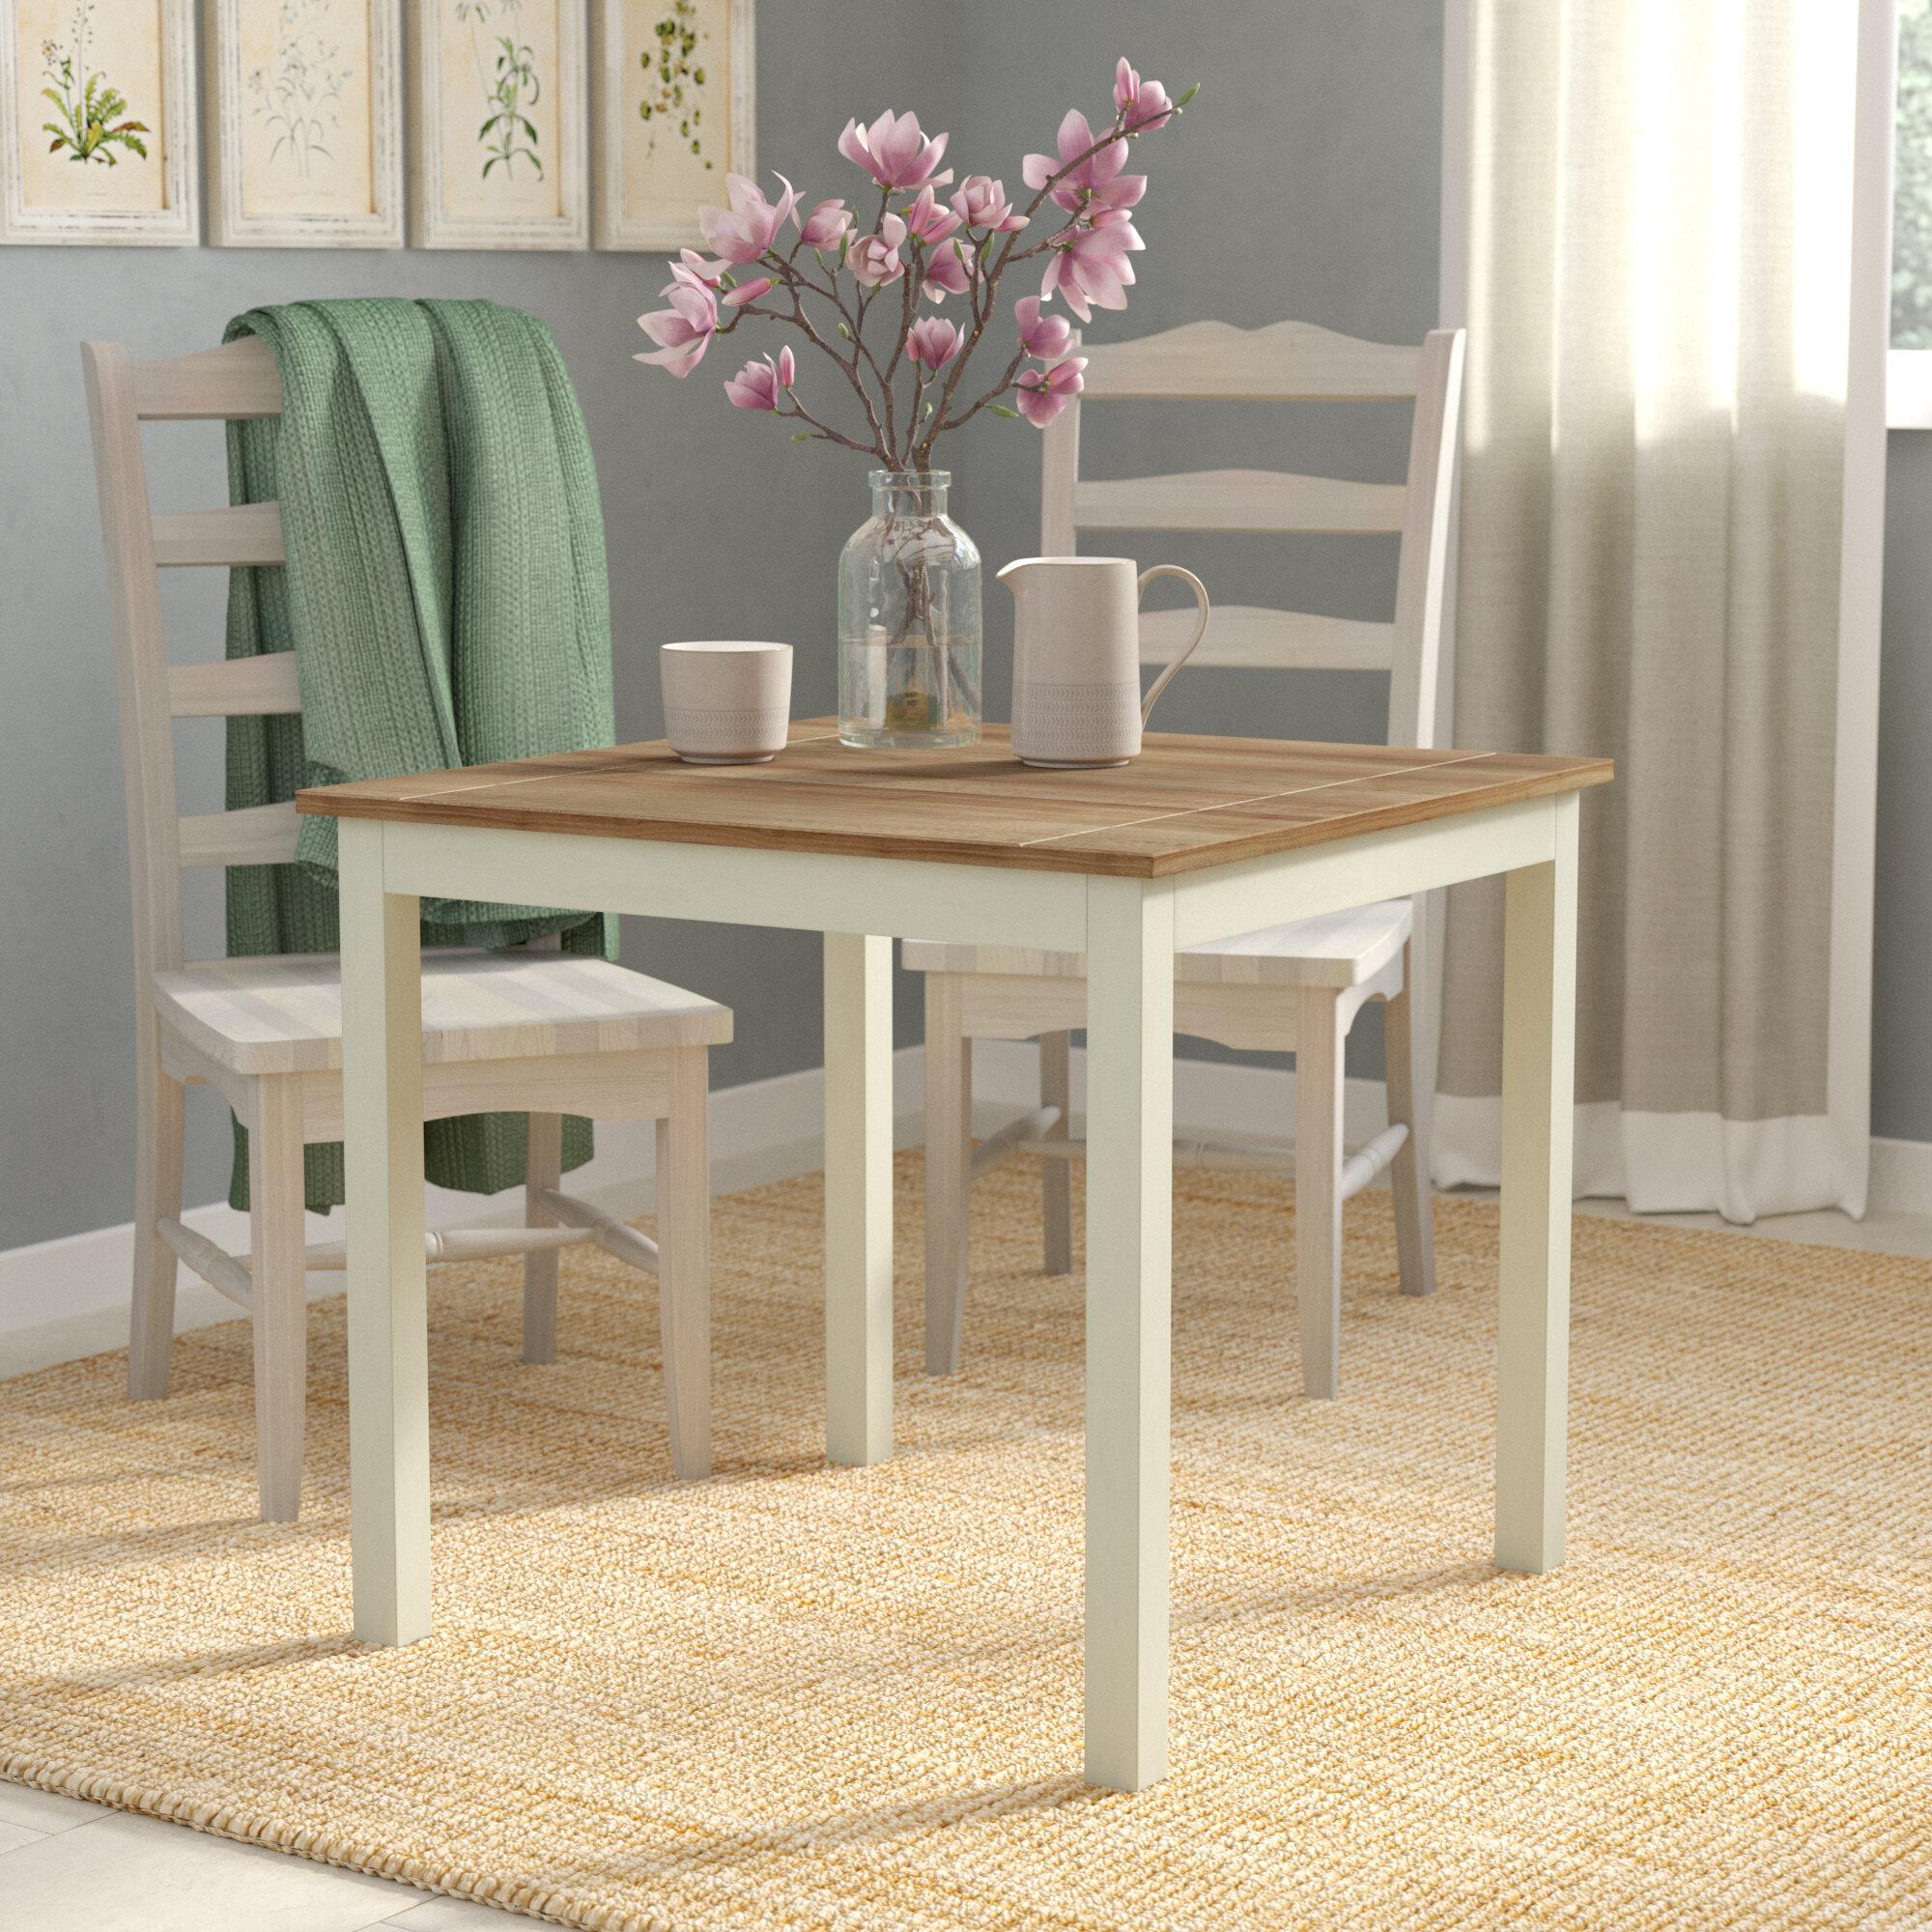 August grove stetler modern dining table reviews wayfair